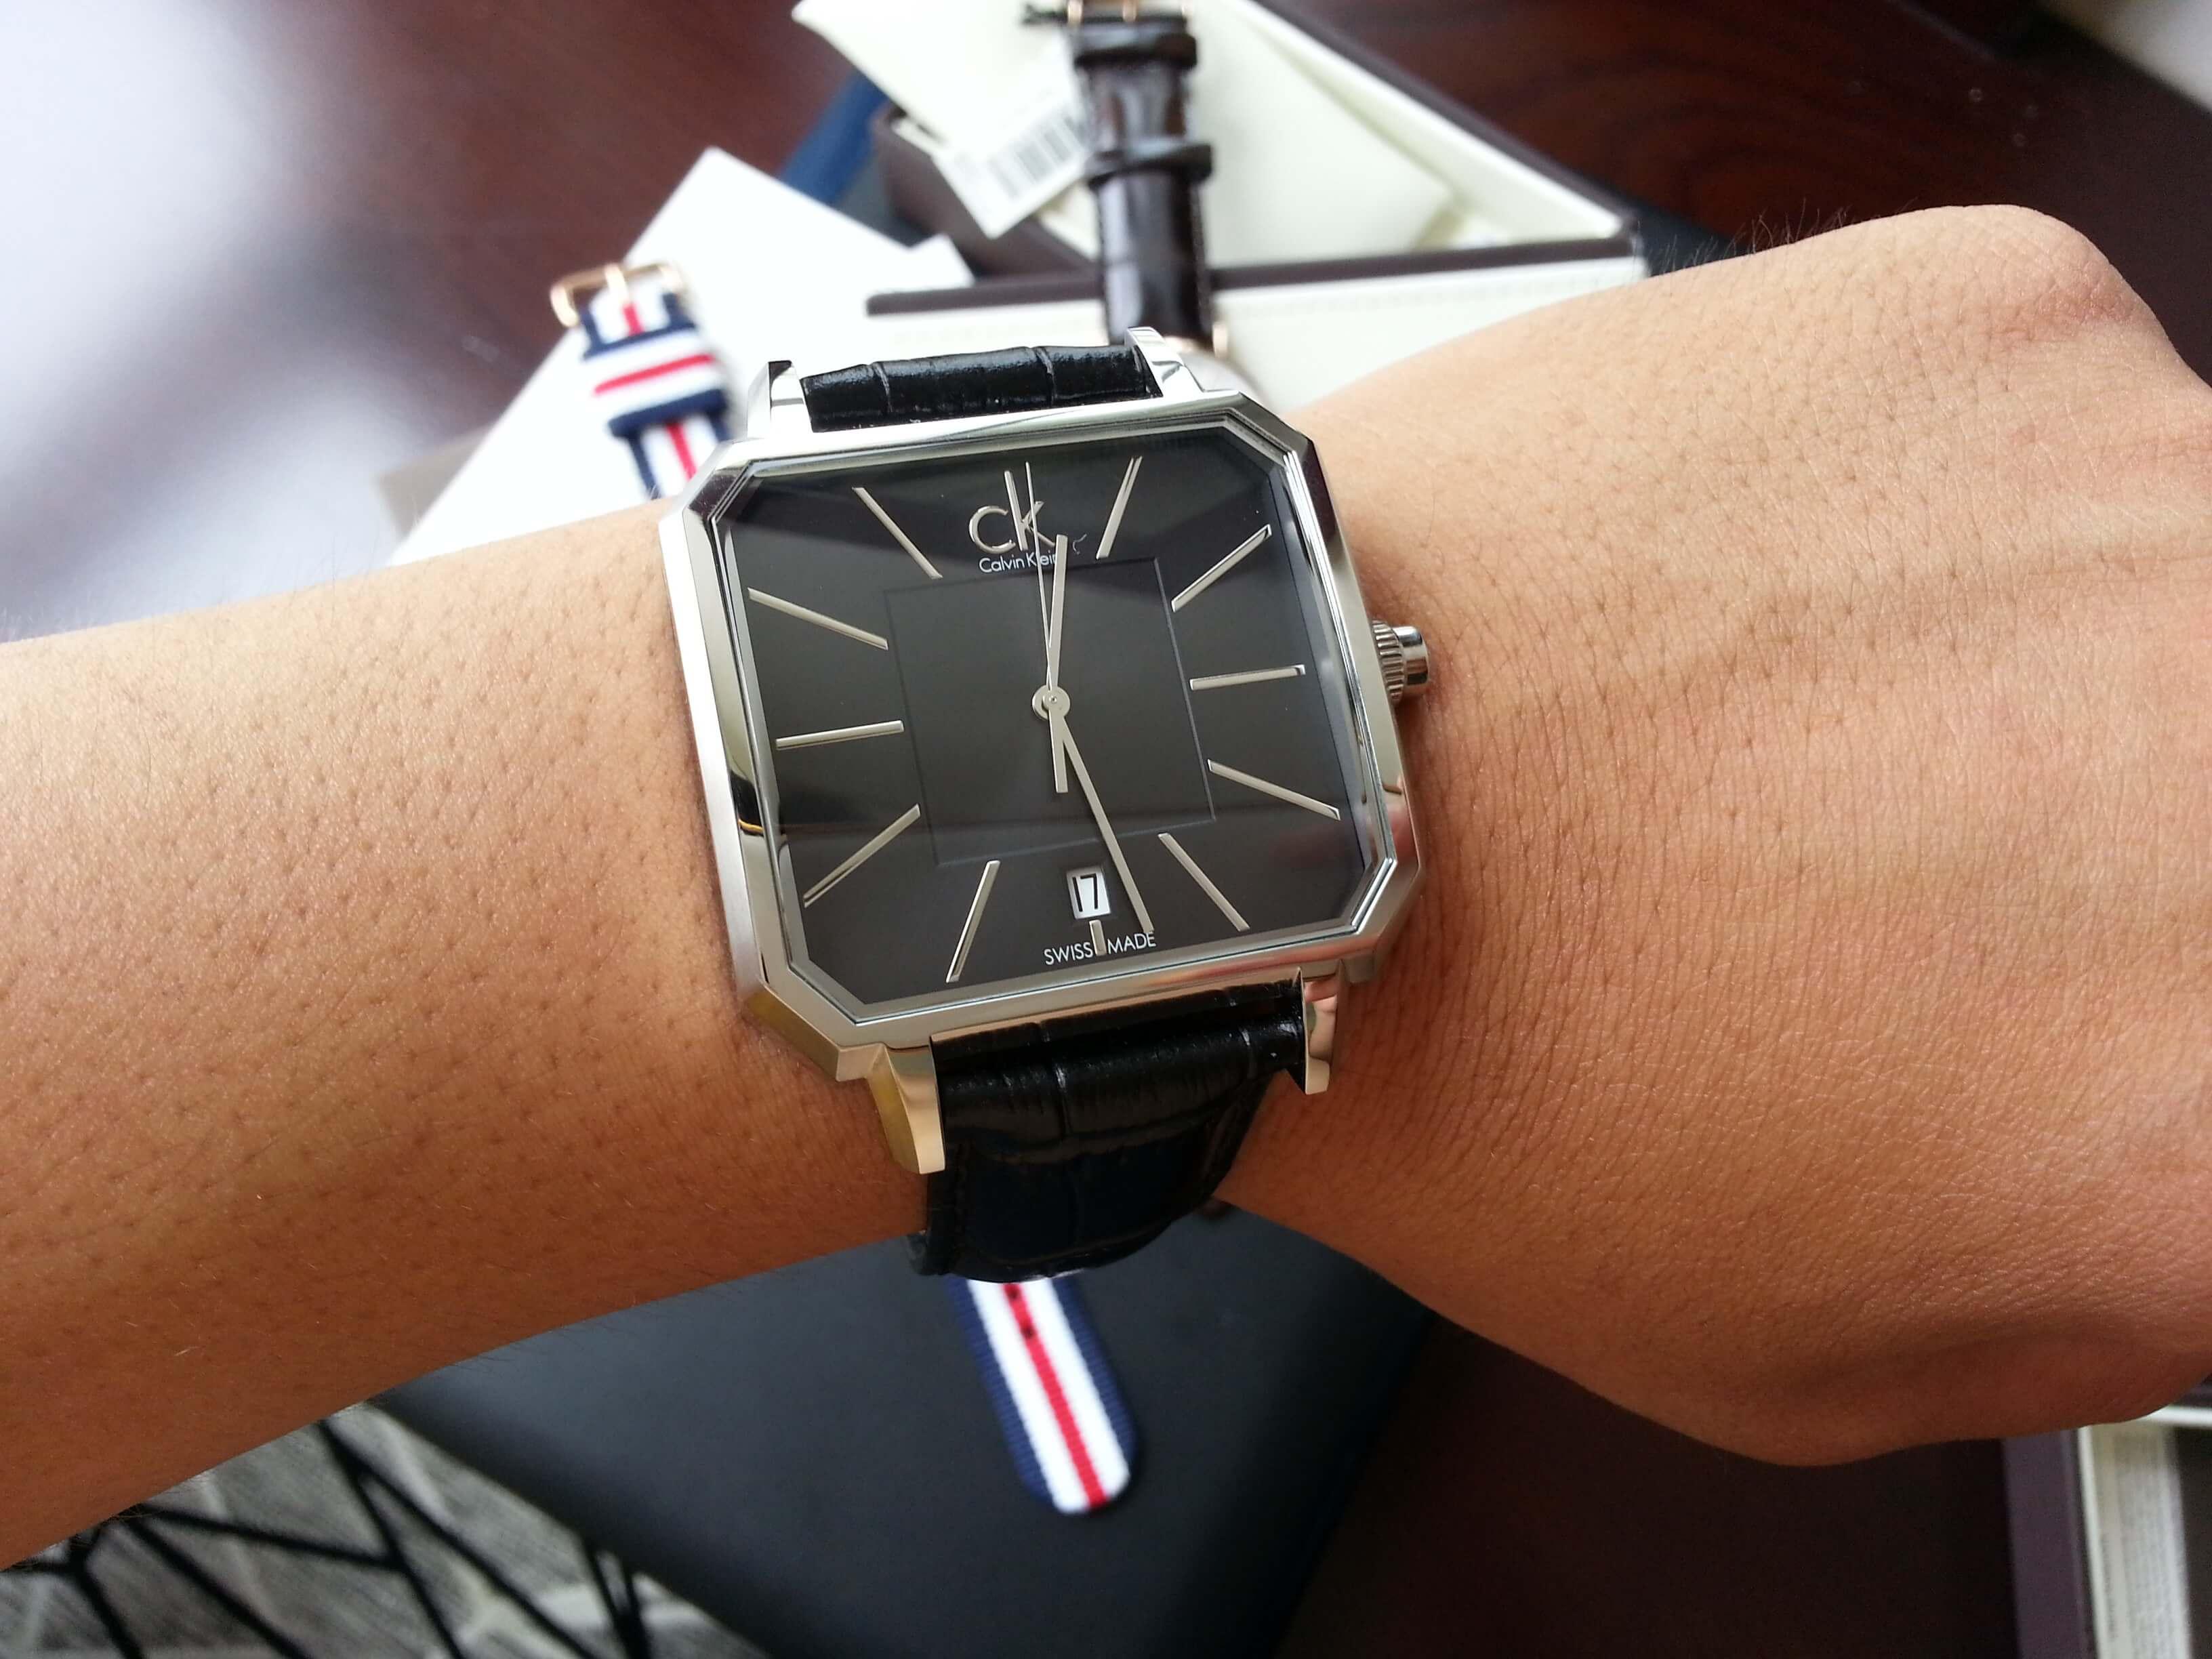 Giá không quá đắt, có nên mua đồng hồ CK không?